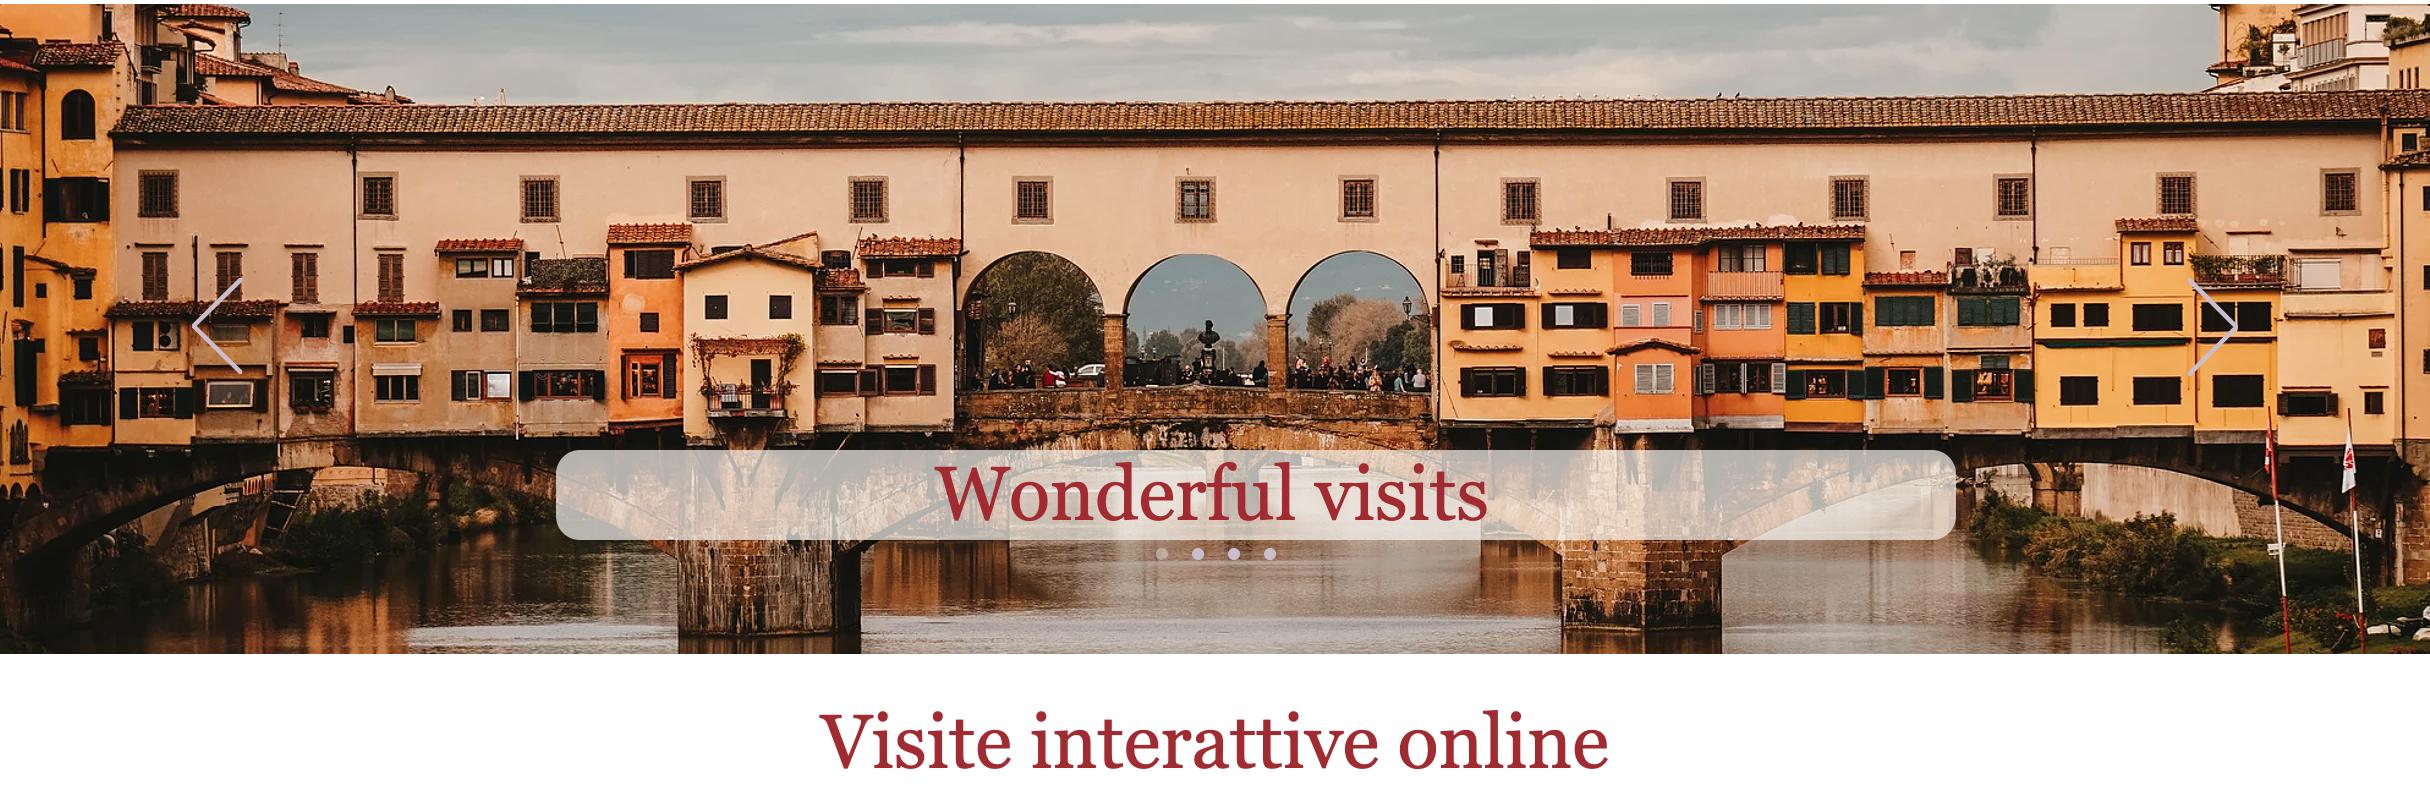 Wisits e il viaggio diventa interattivo